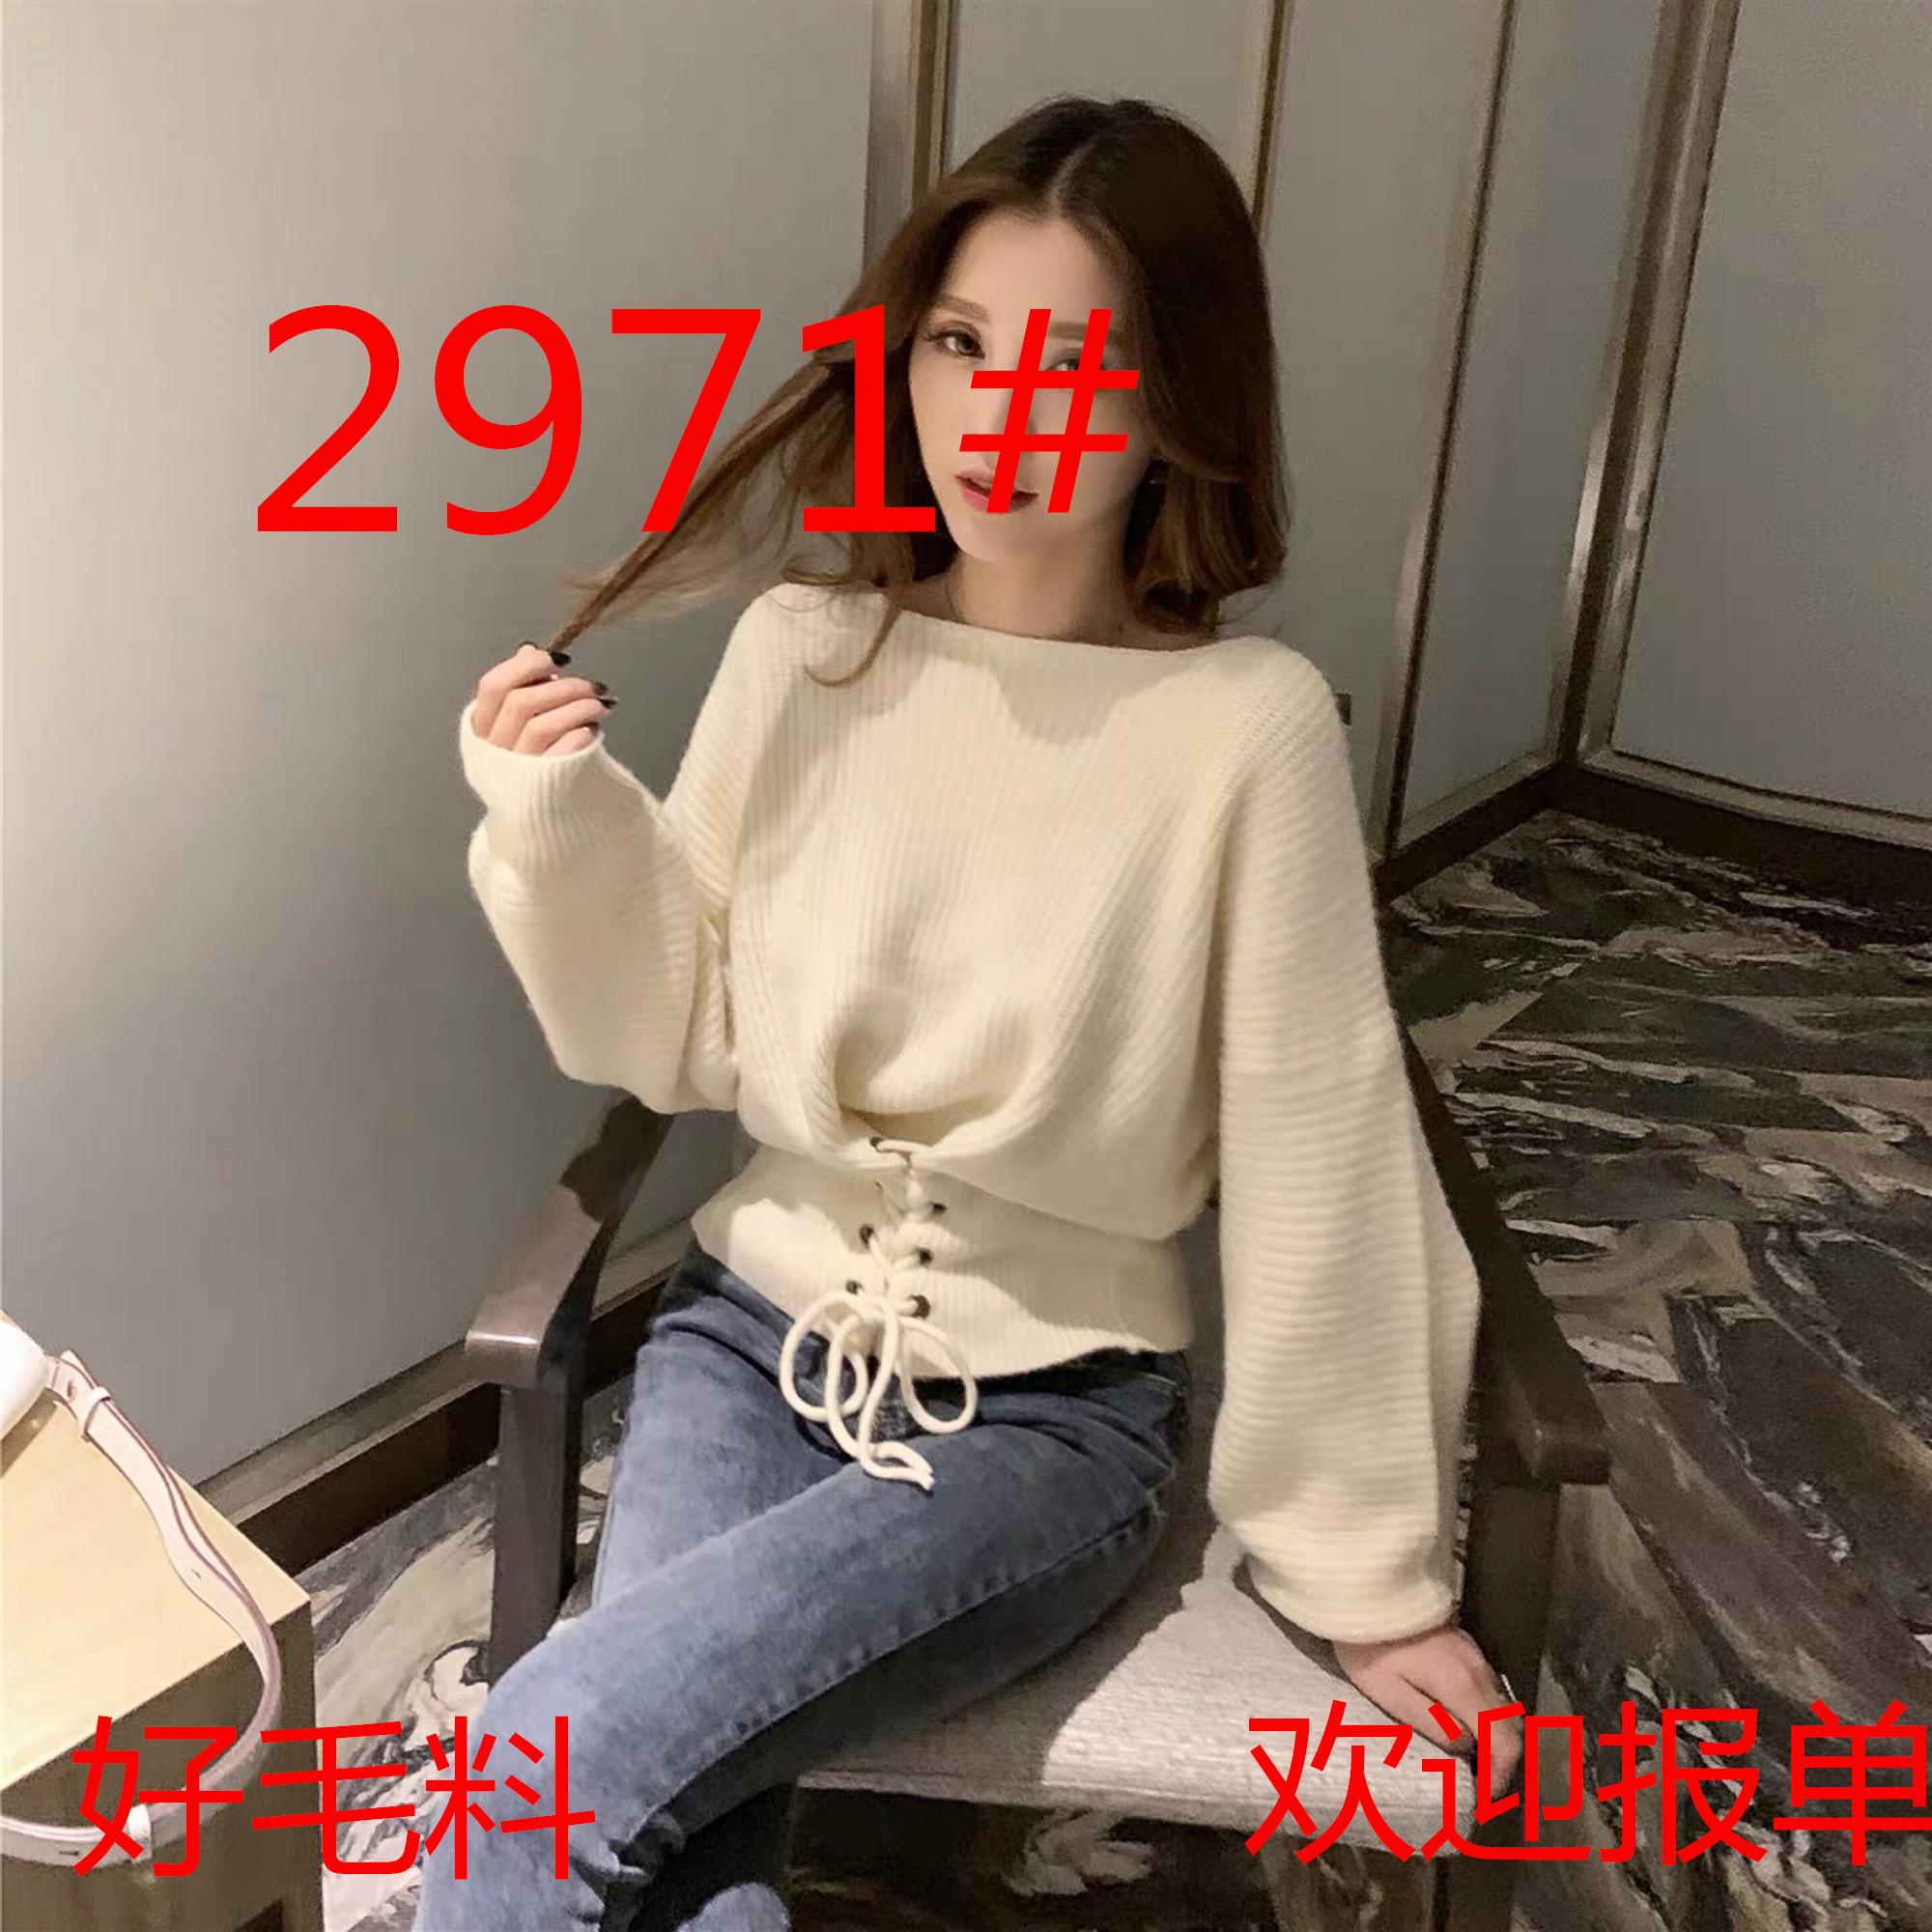 9.24新品 0點上新韓版小心機設計感收腰綁帶針織毛衣